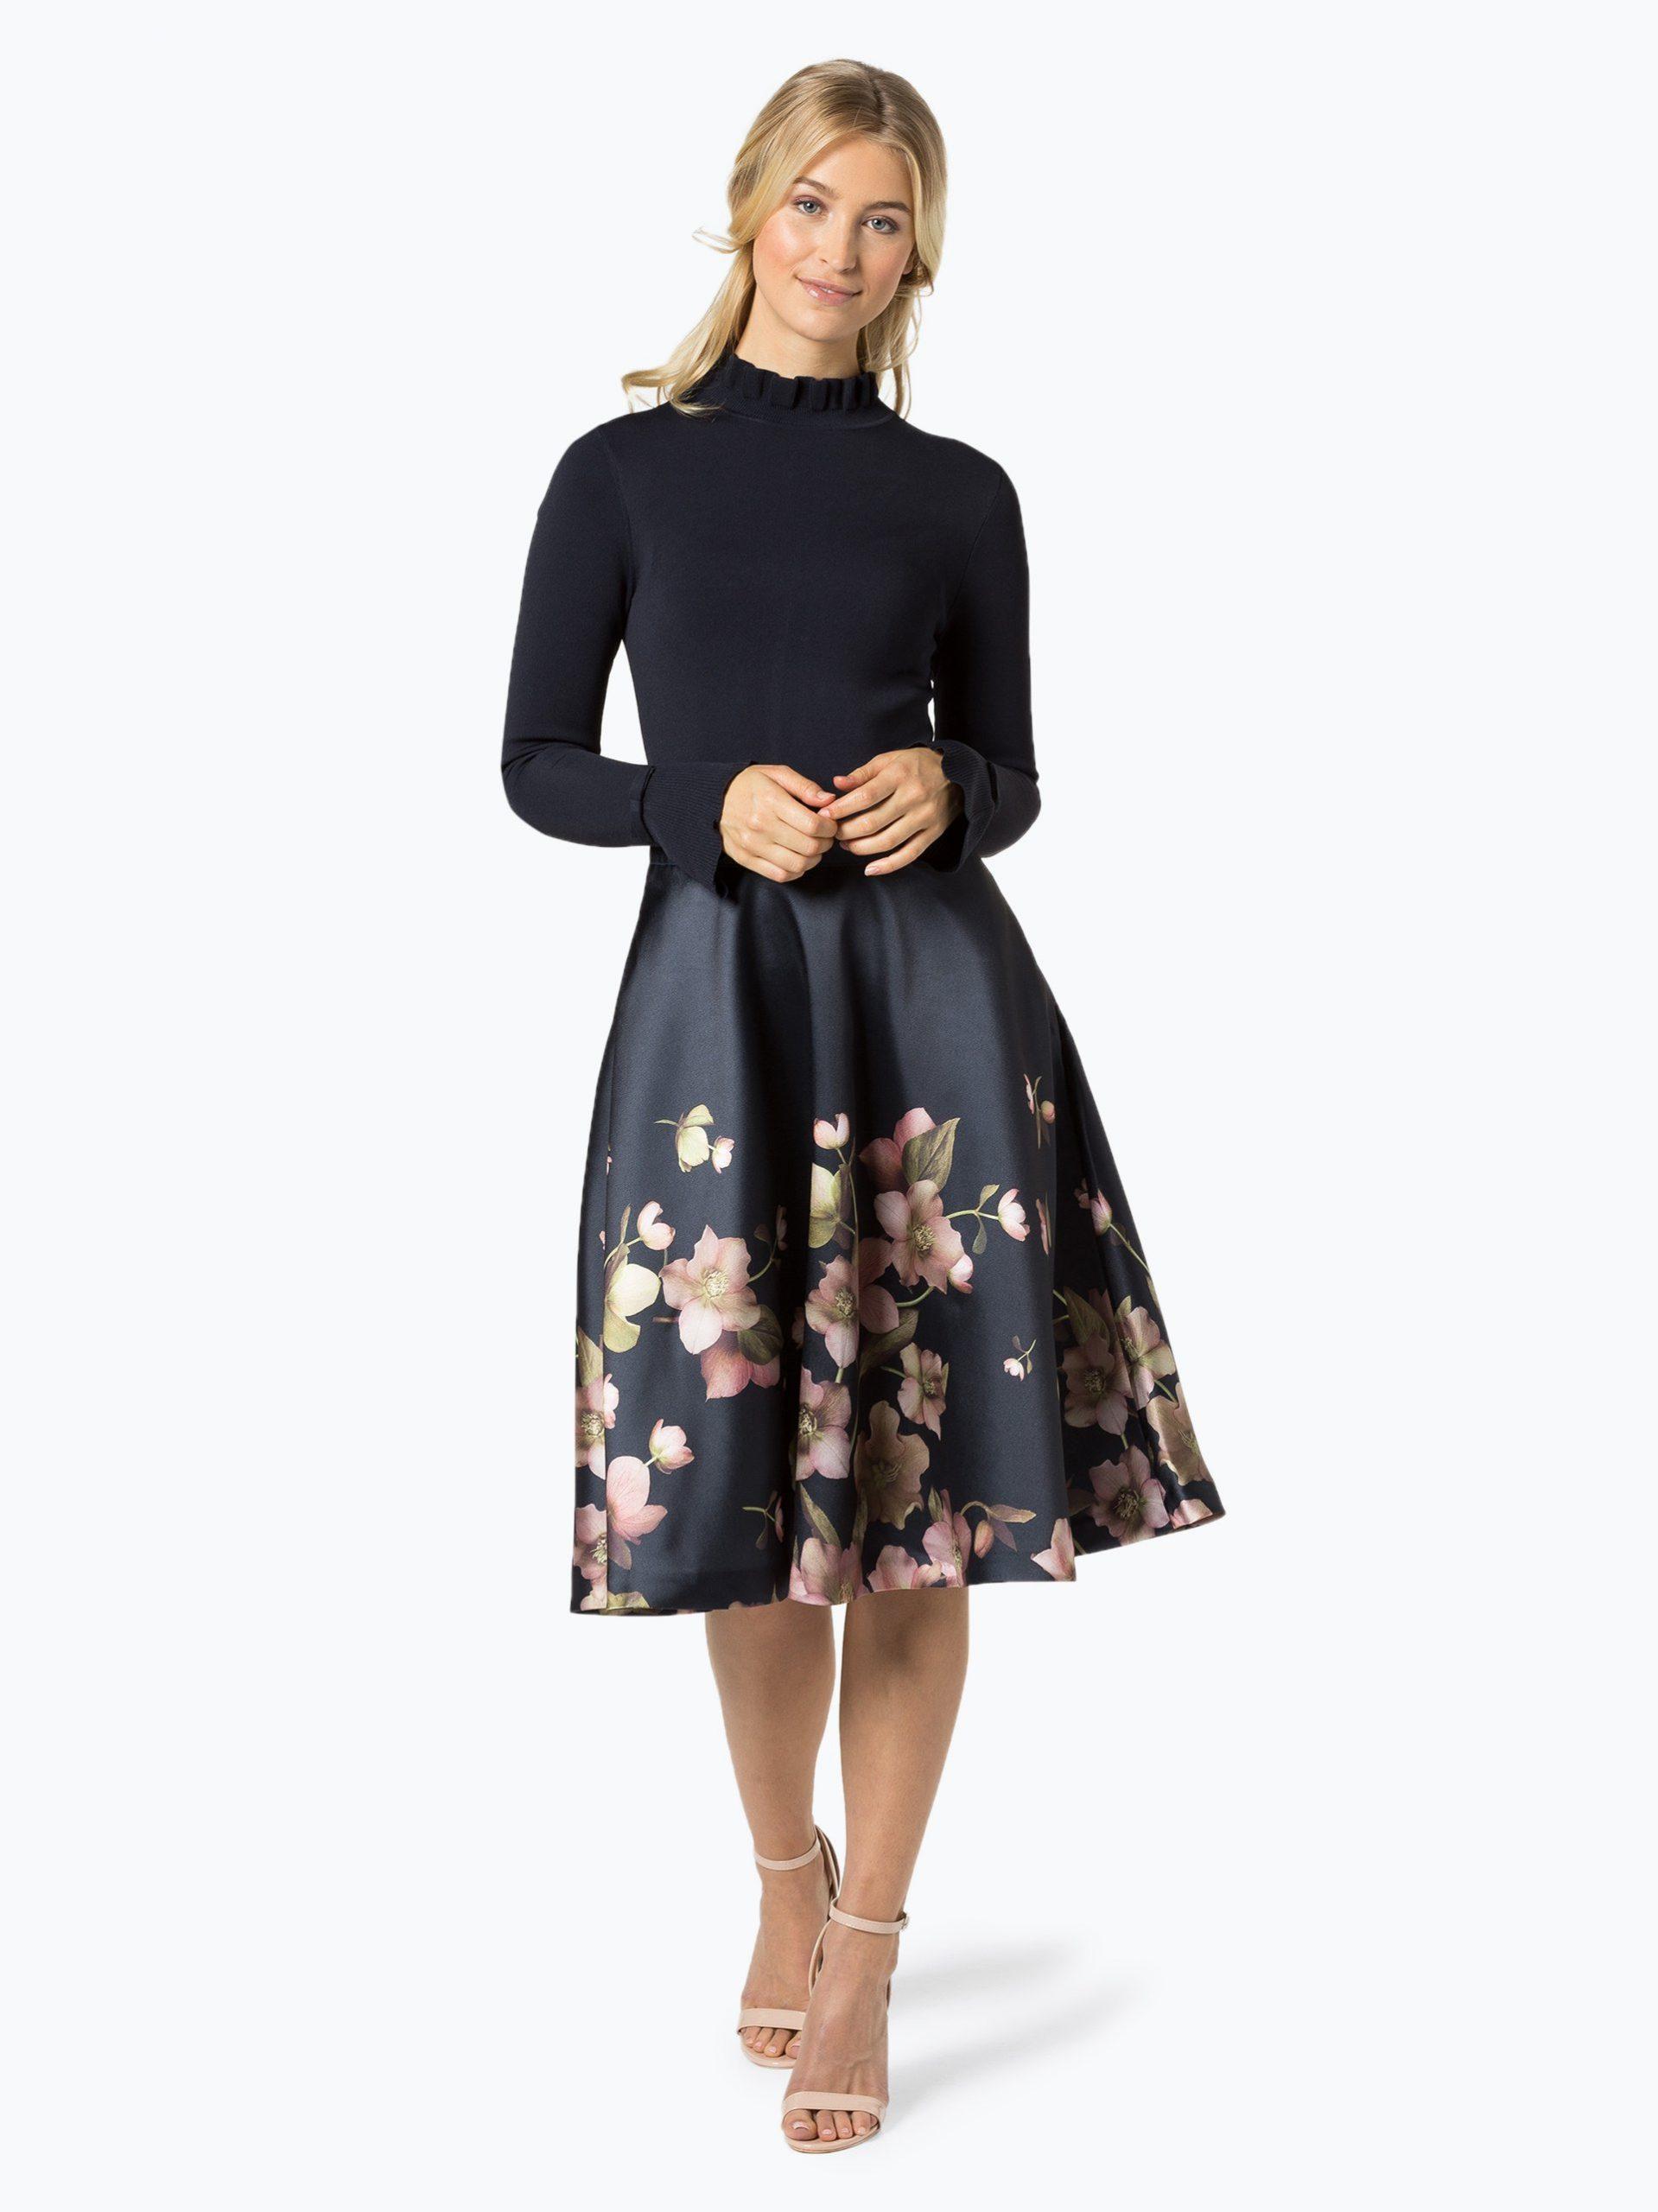 Ted Baker Damen Kleid  Seema Online Kaufen  Peekund